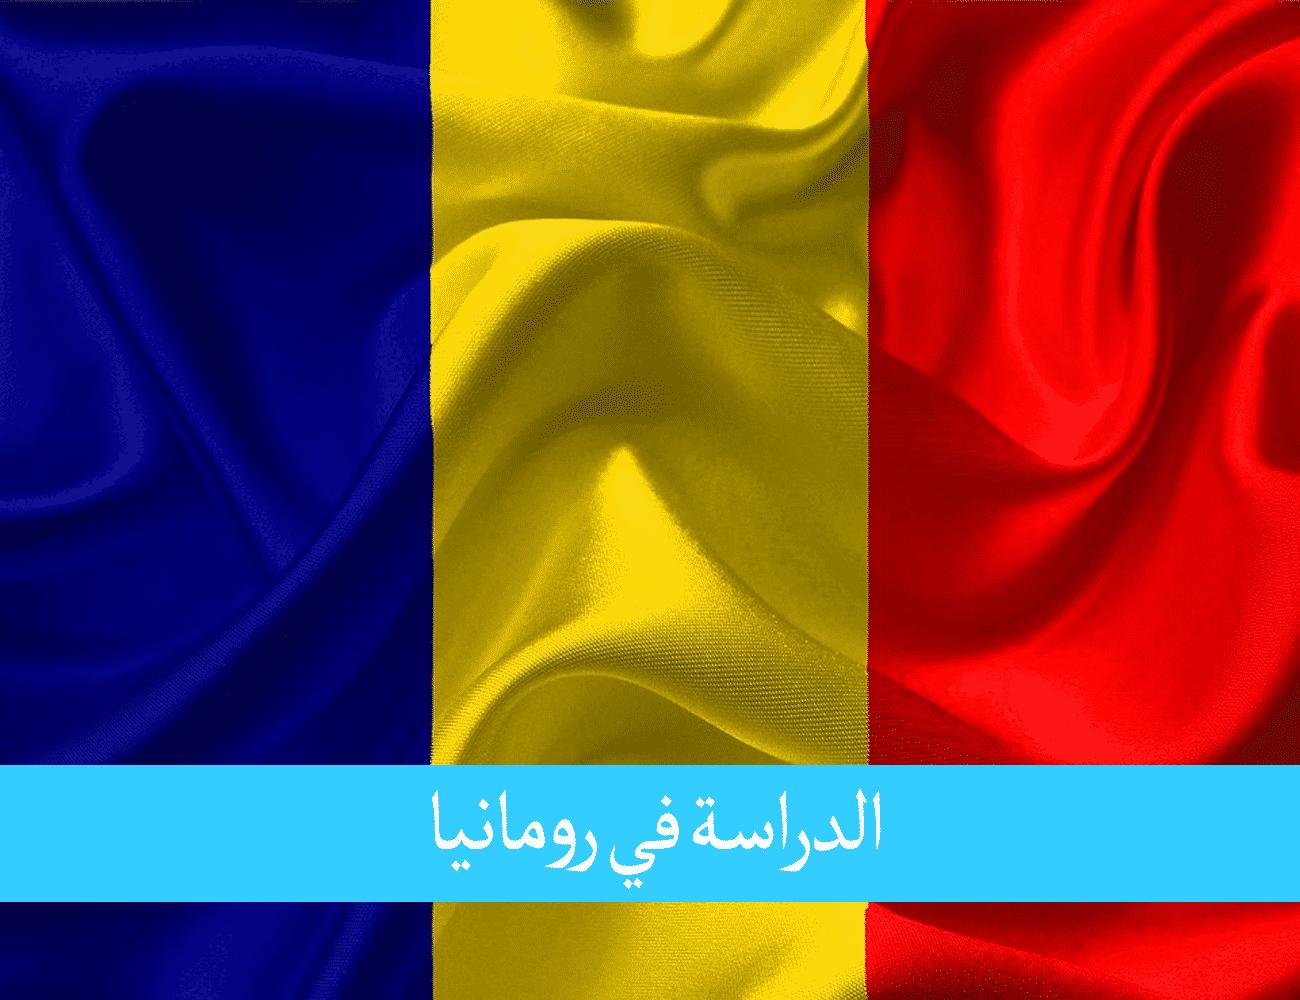 الدراسة في رومانيا للمغاربة بلد التقاليد العريقة والتحصيل العلمي